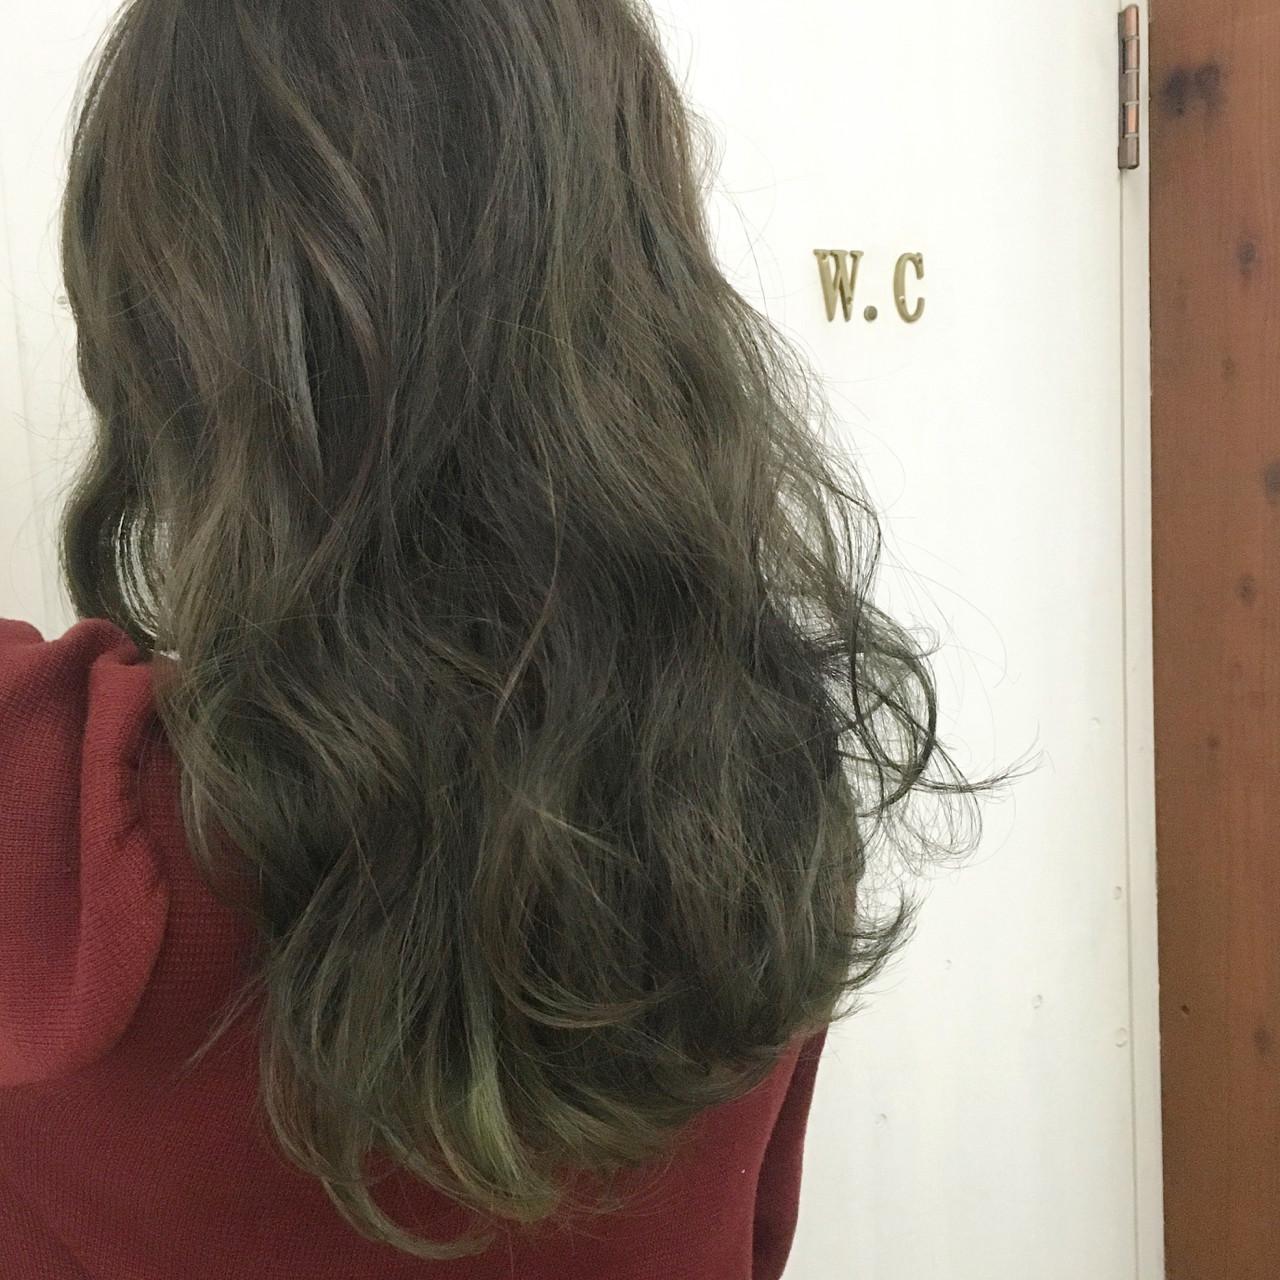 オリーブアッシュ グラデーションカラー ストリート グリーン ヘアスタイルや髪型の写真・画像